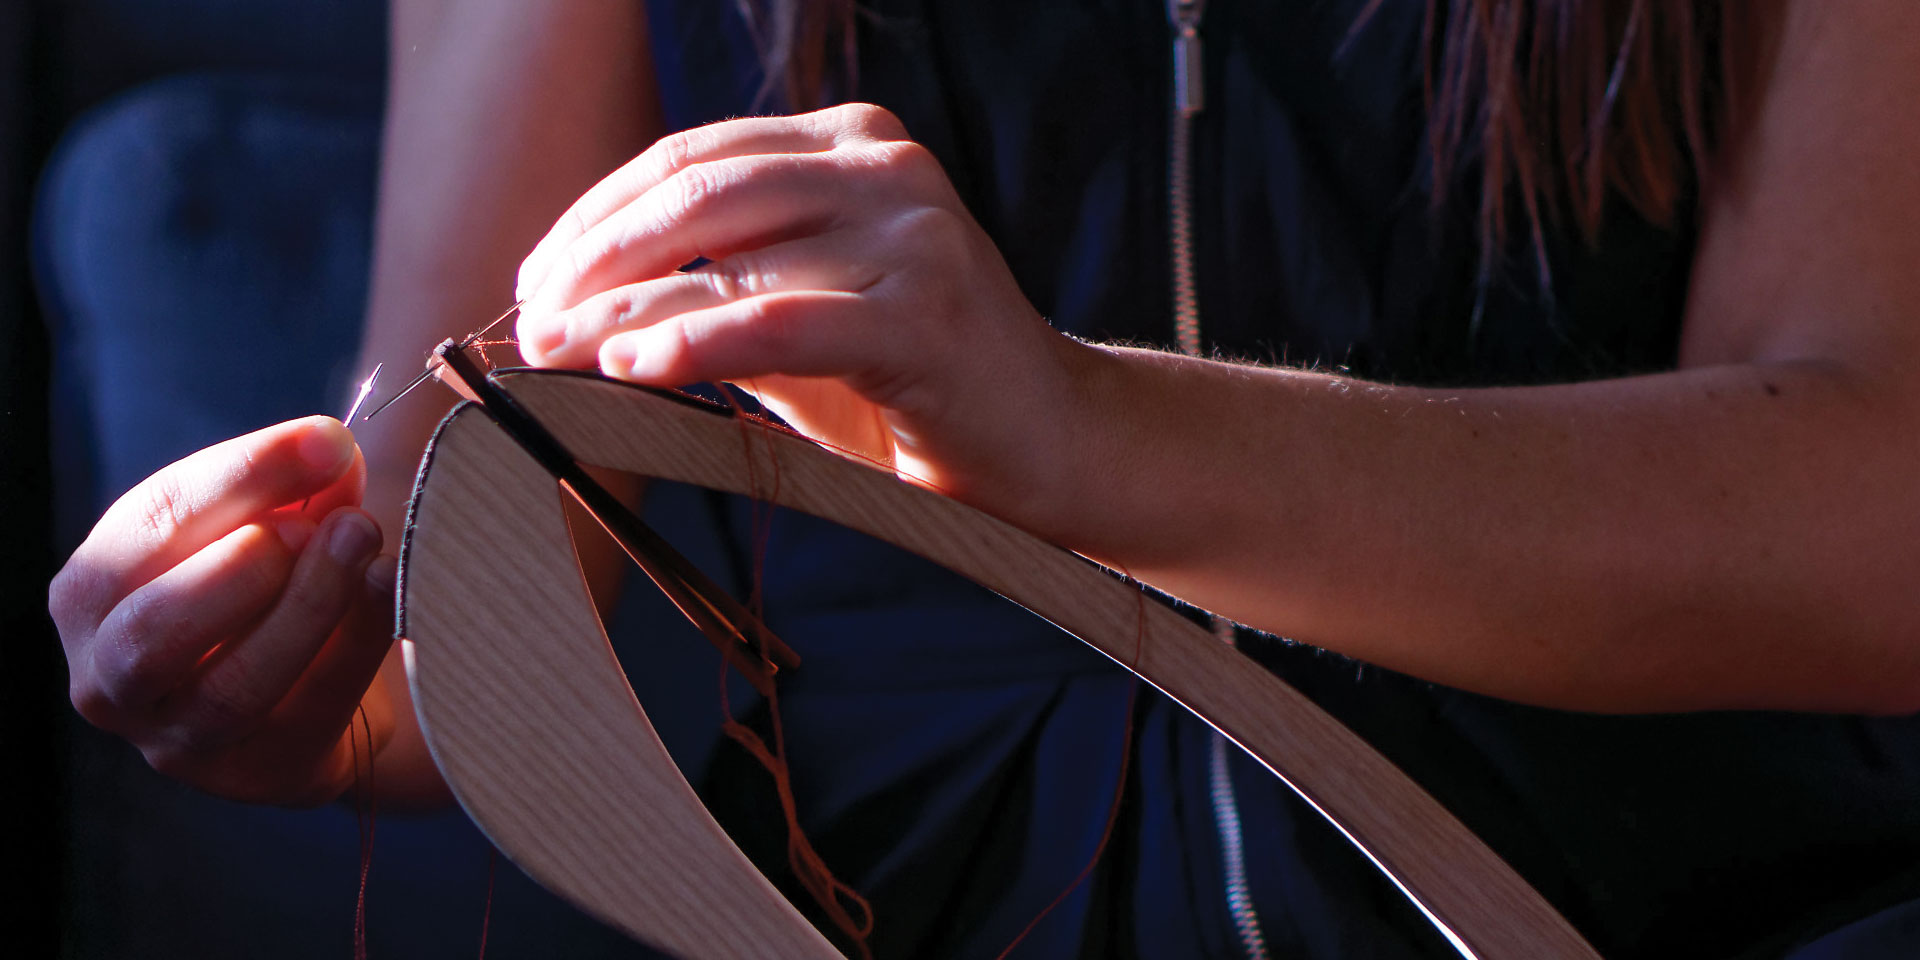 couture sellier à la main savoir-faire traditionnel maroquinerie lady harberton